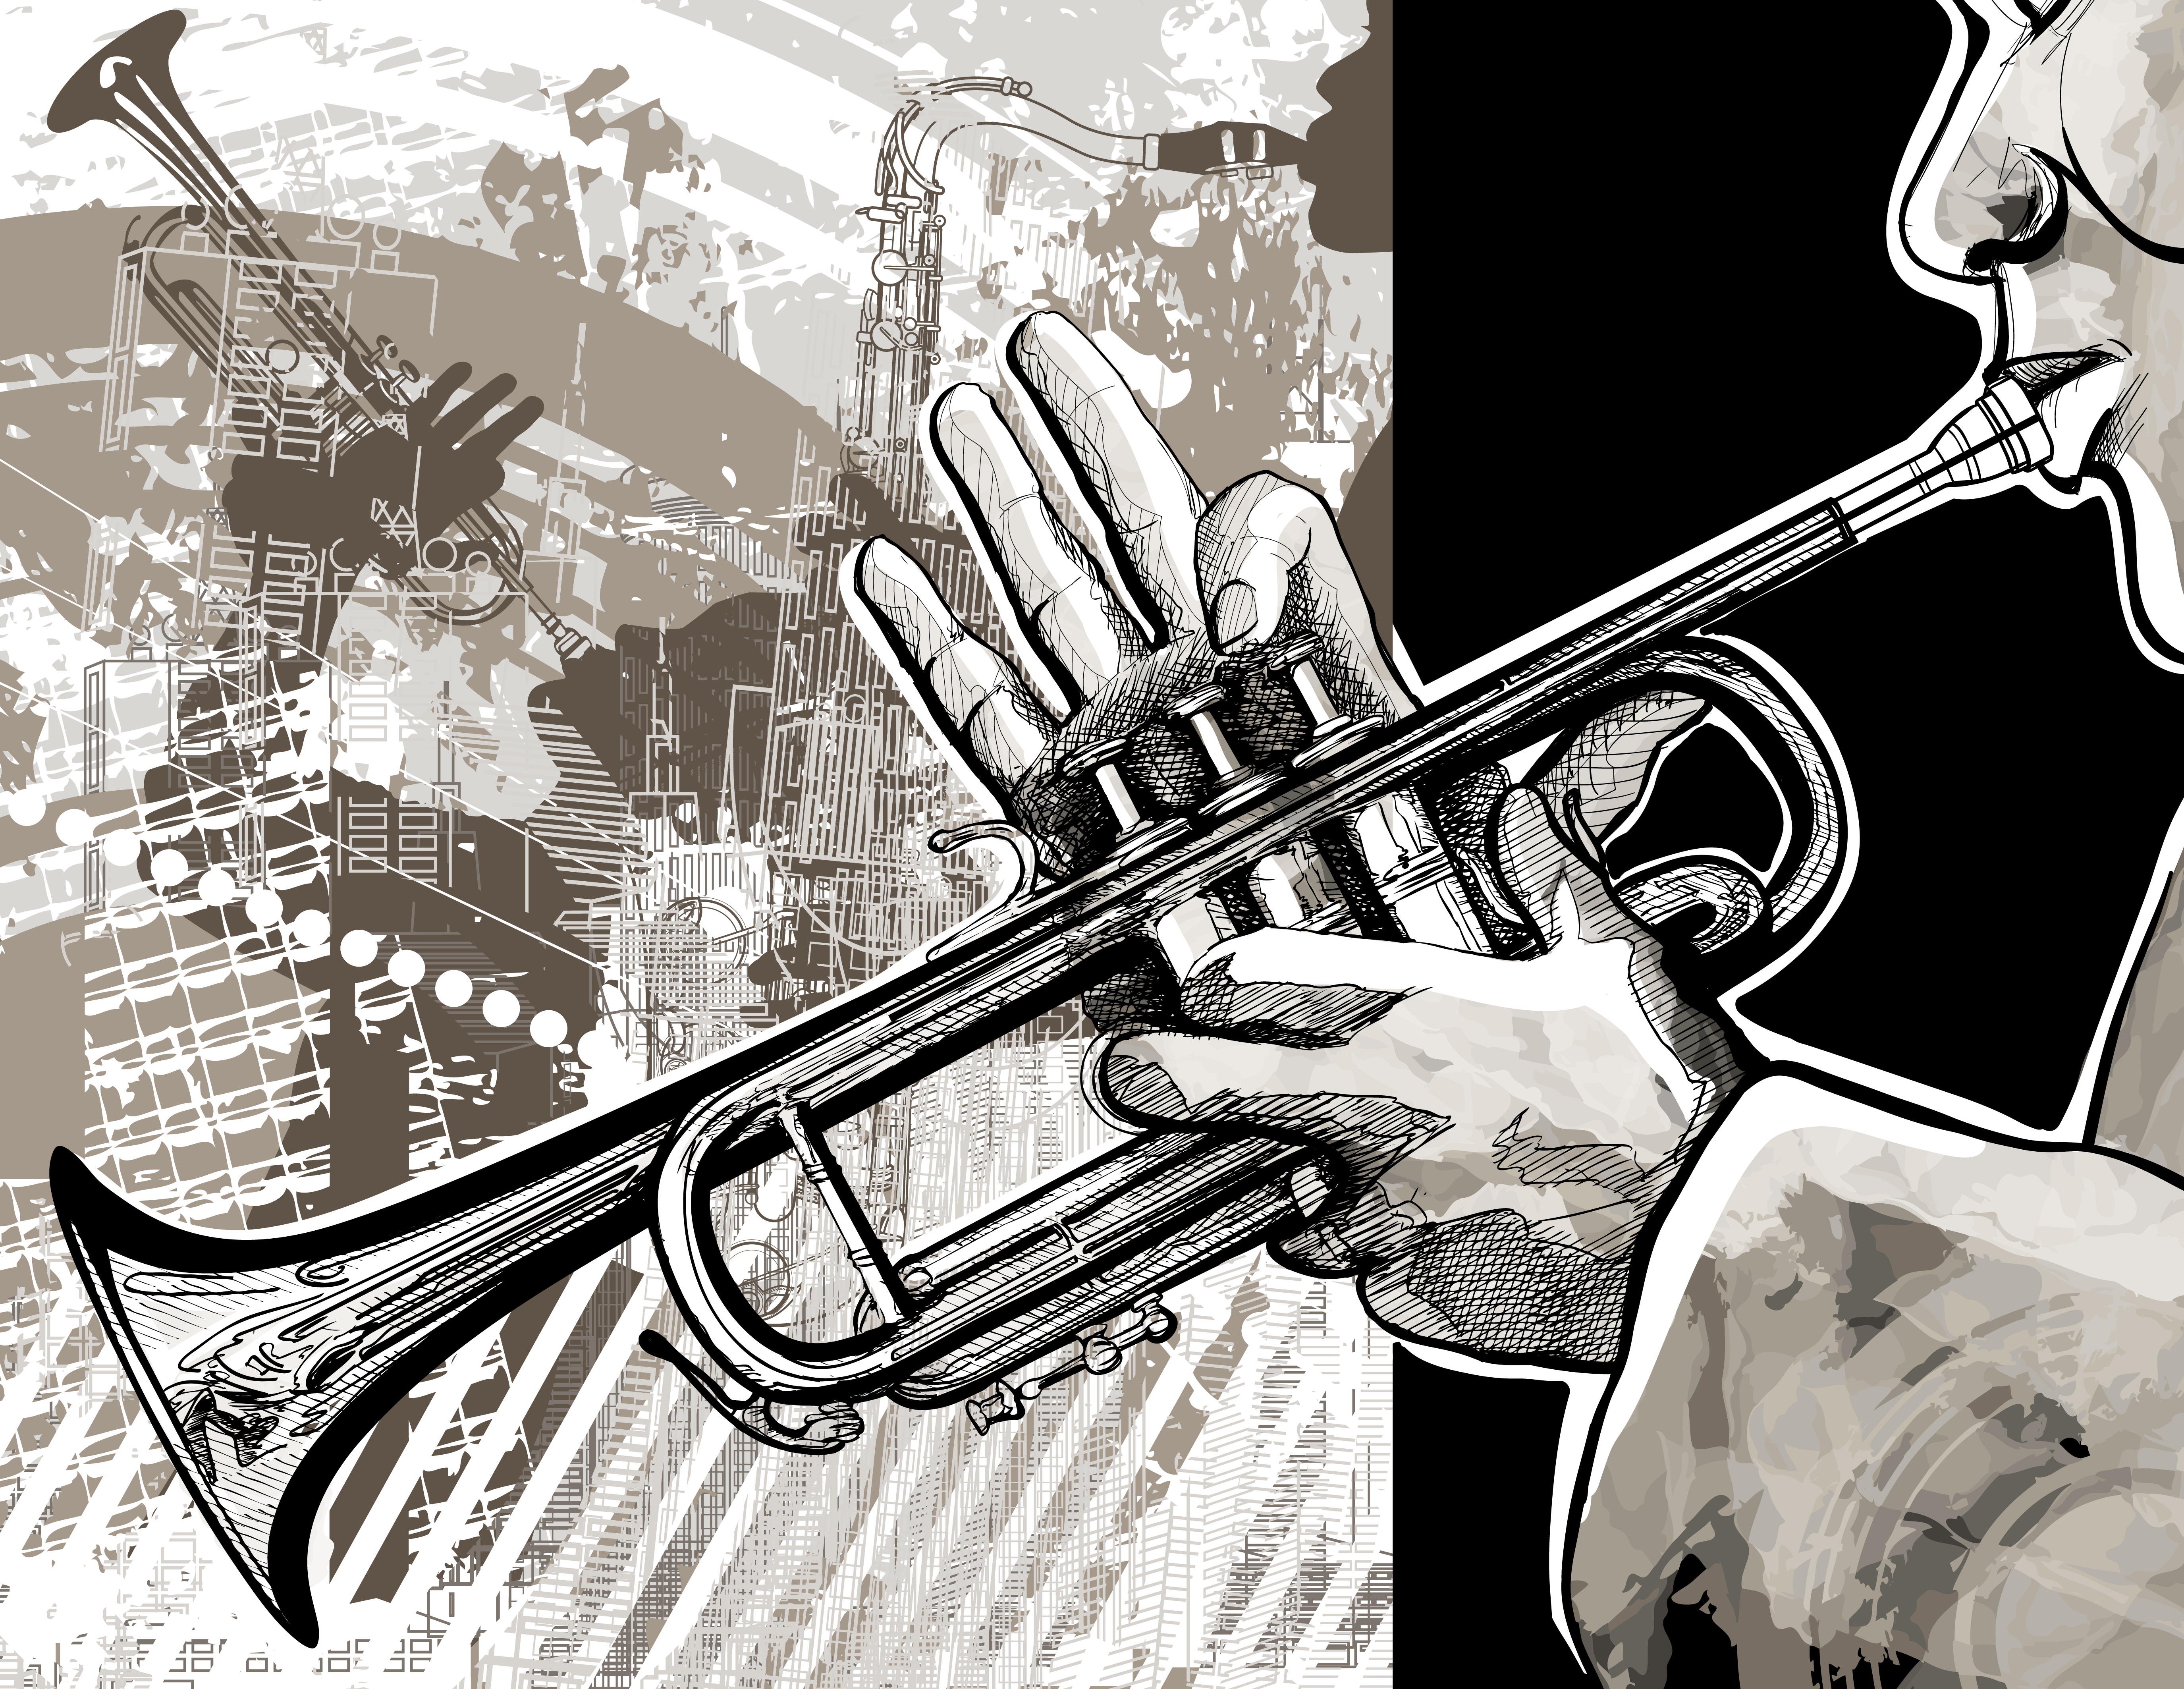 постер джазовый трубач хэпберн